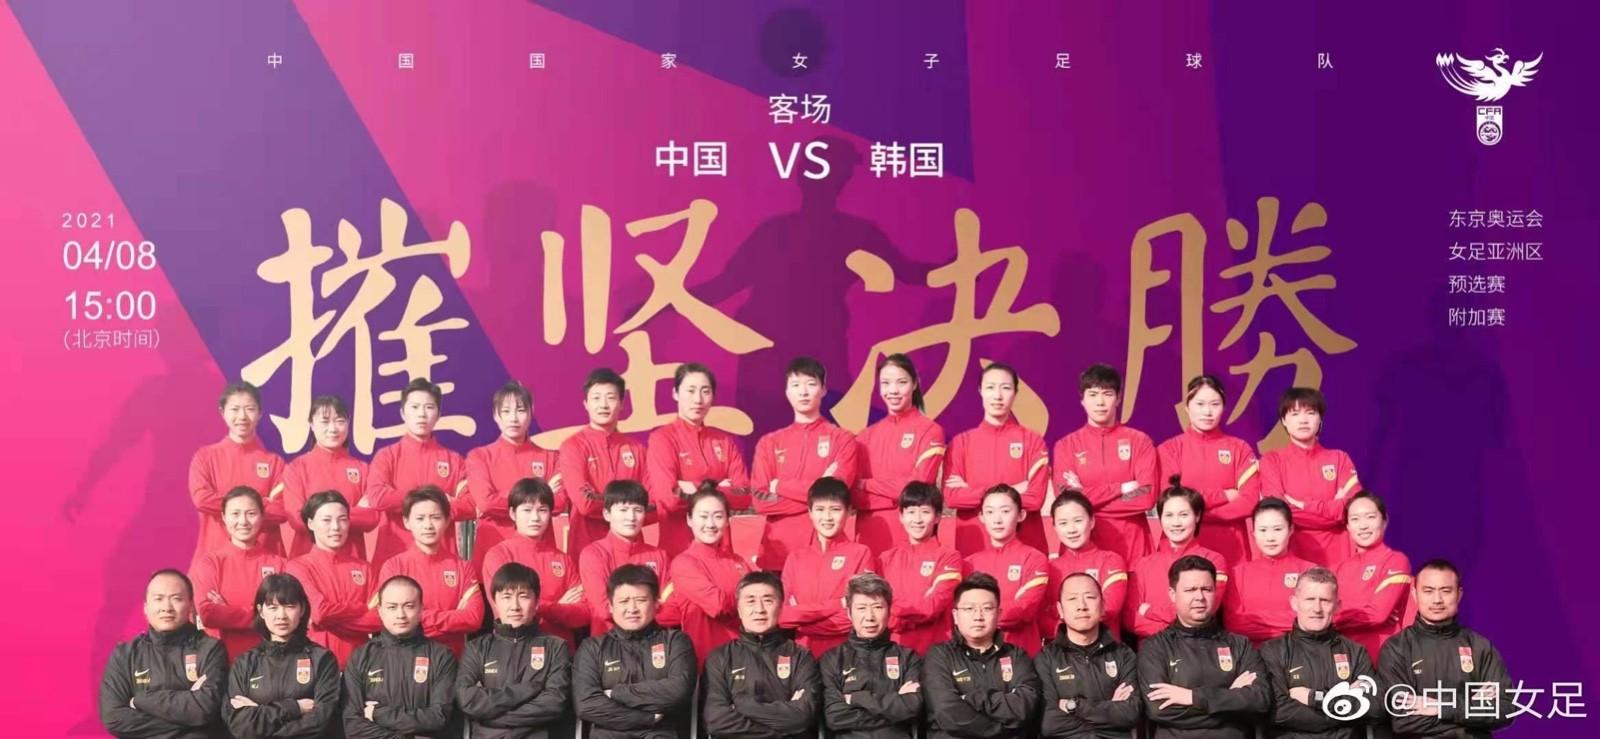 摧坚决胜!中国女足发布奥预赛附加赛客战韩国海报